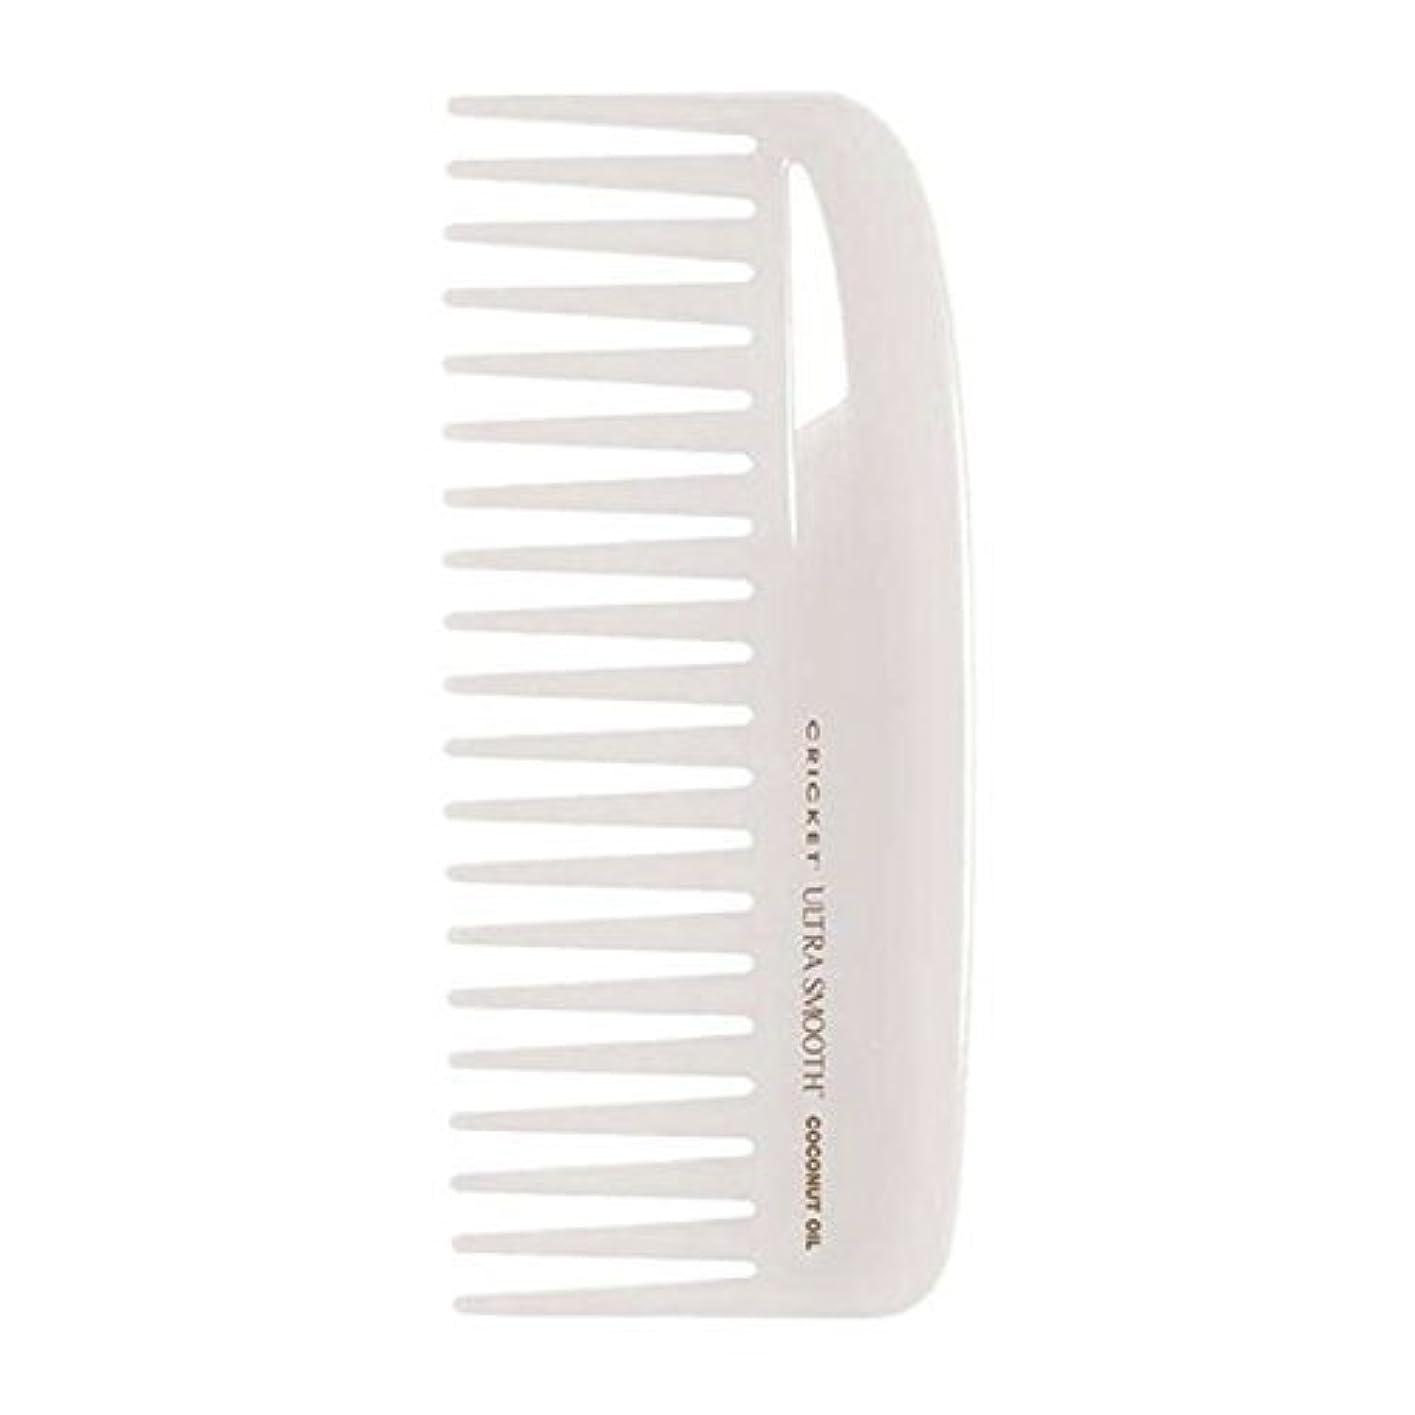 腐敗包帯放課後Cricket Ultra Smooth Coconut Conditioning Comb, 1 Count [並行輸入品]